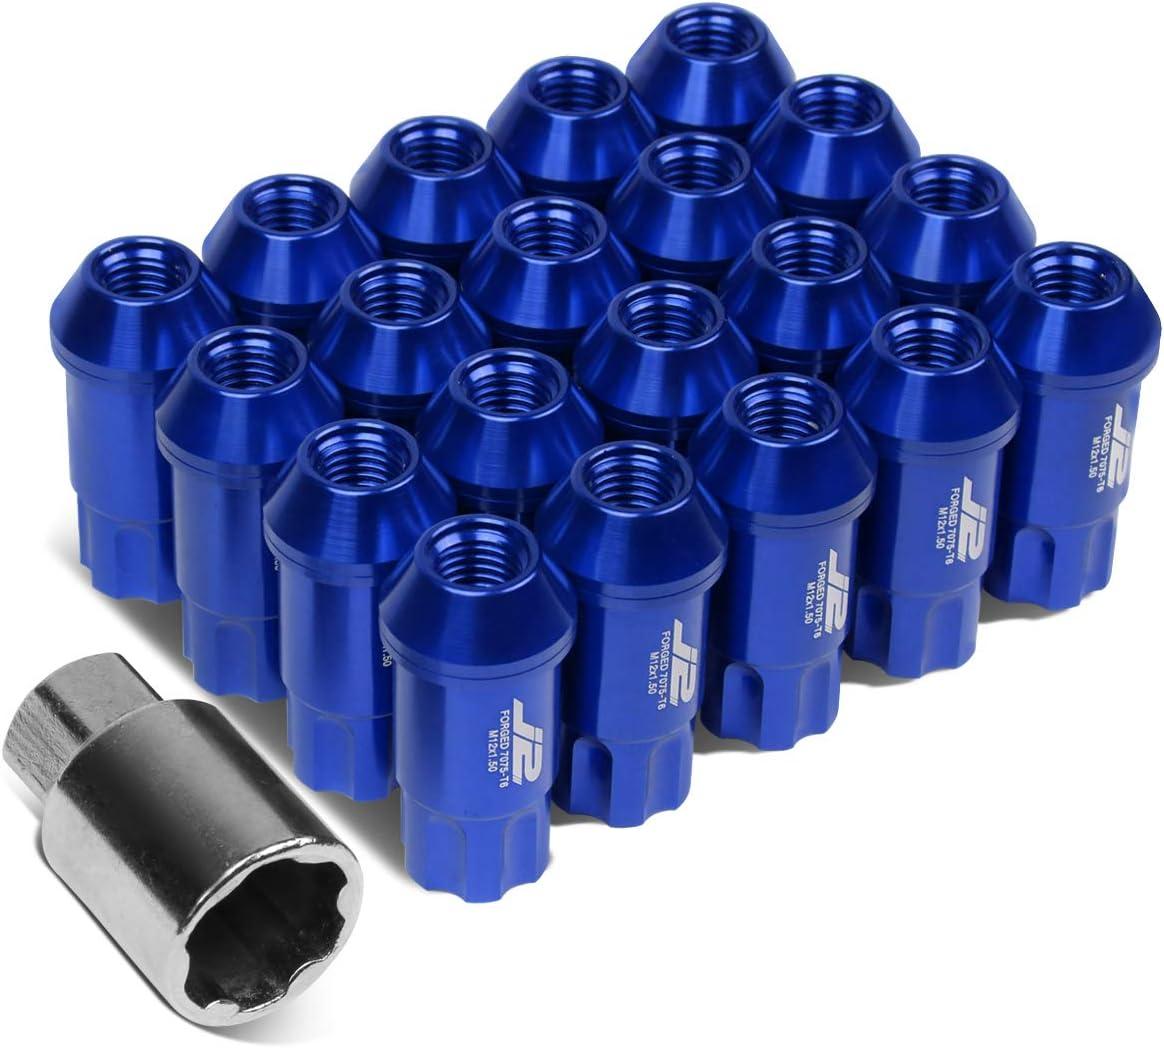 1x Key 70mm 20x Lug Nut J2 Engineering LN-T7-025-15-SL 7075 Aluminum M12 x 1.5 25mm OD